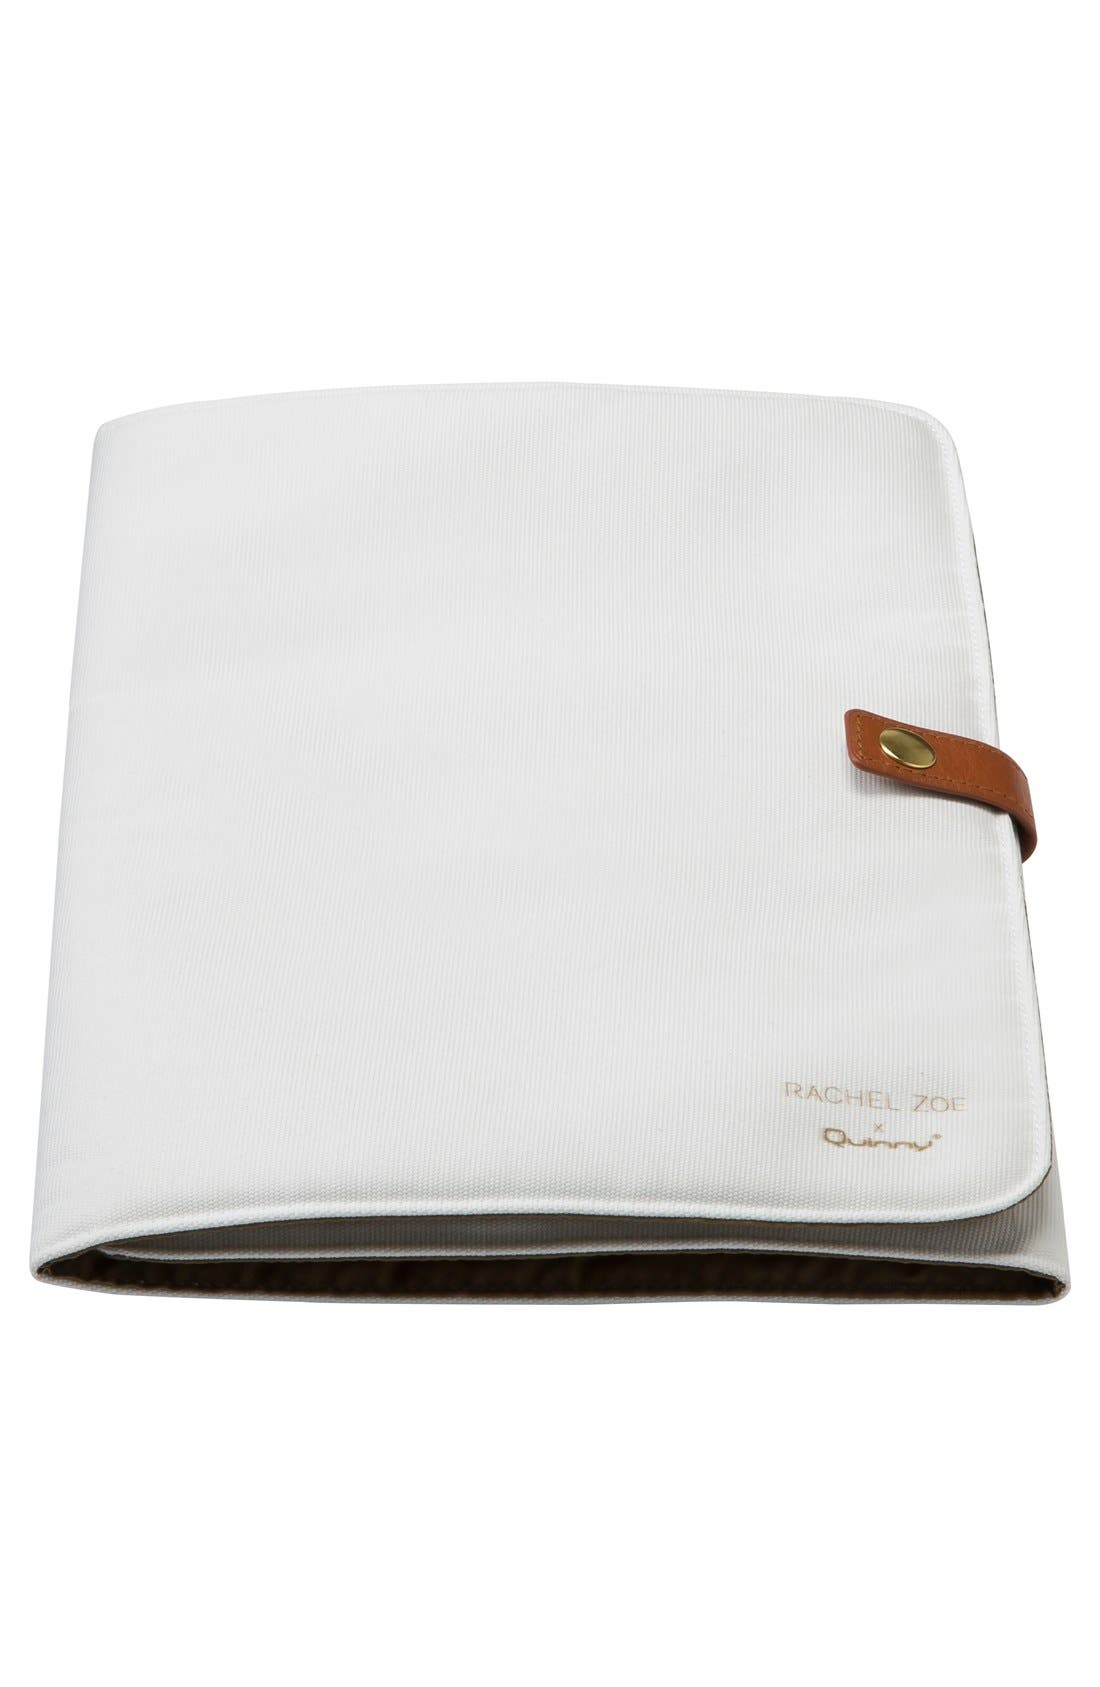 x Rachel Zoe 'Jet Set' Canvas Diaper Bag,                             Alternate thumbnail 11, color,                             100